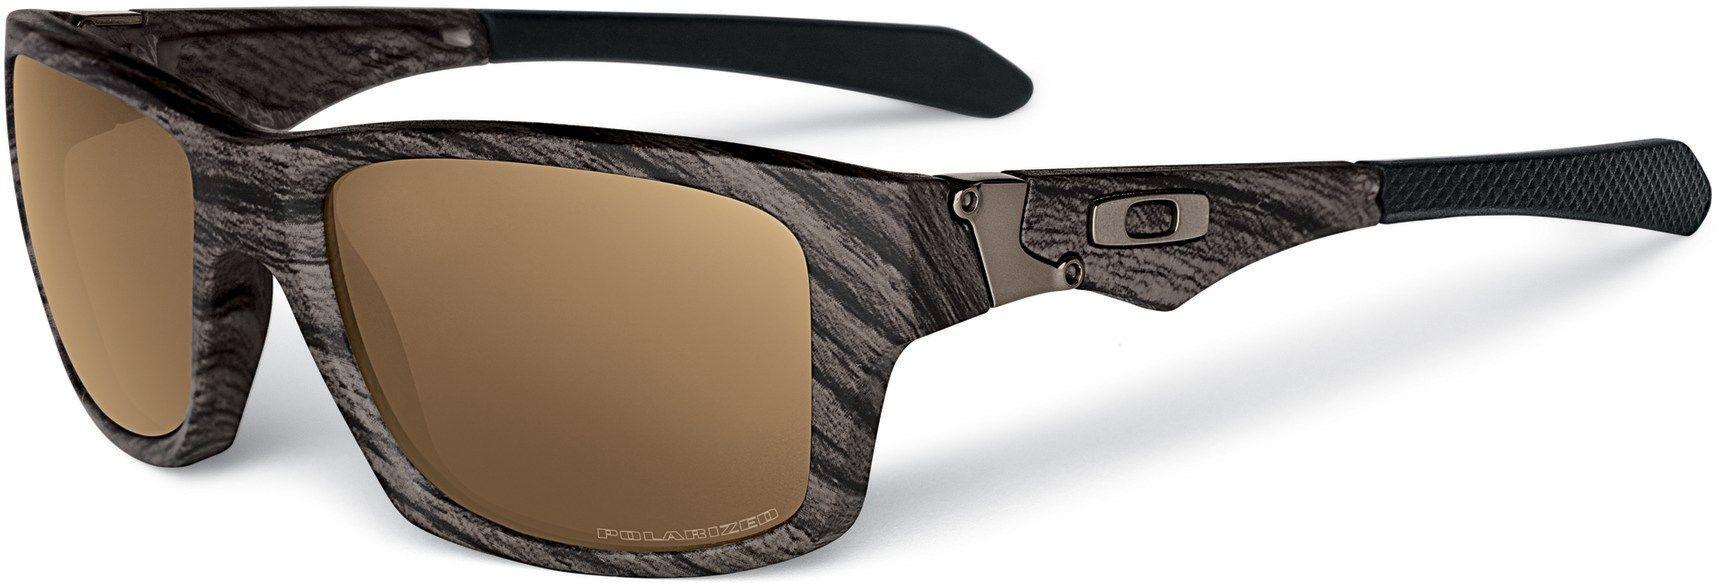 990fd2af54e7e Oakley Jupiter Squared Polarized Sunglasses Oculos Esportivos, Oculos De  Sol, Esportes, Produtividade,